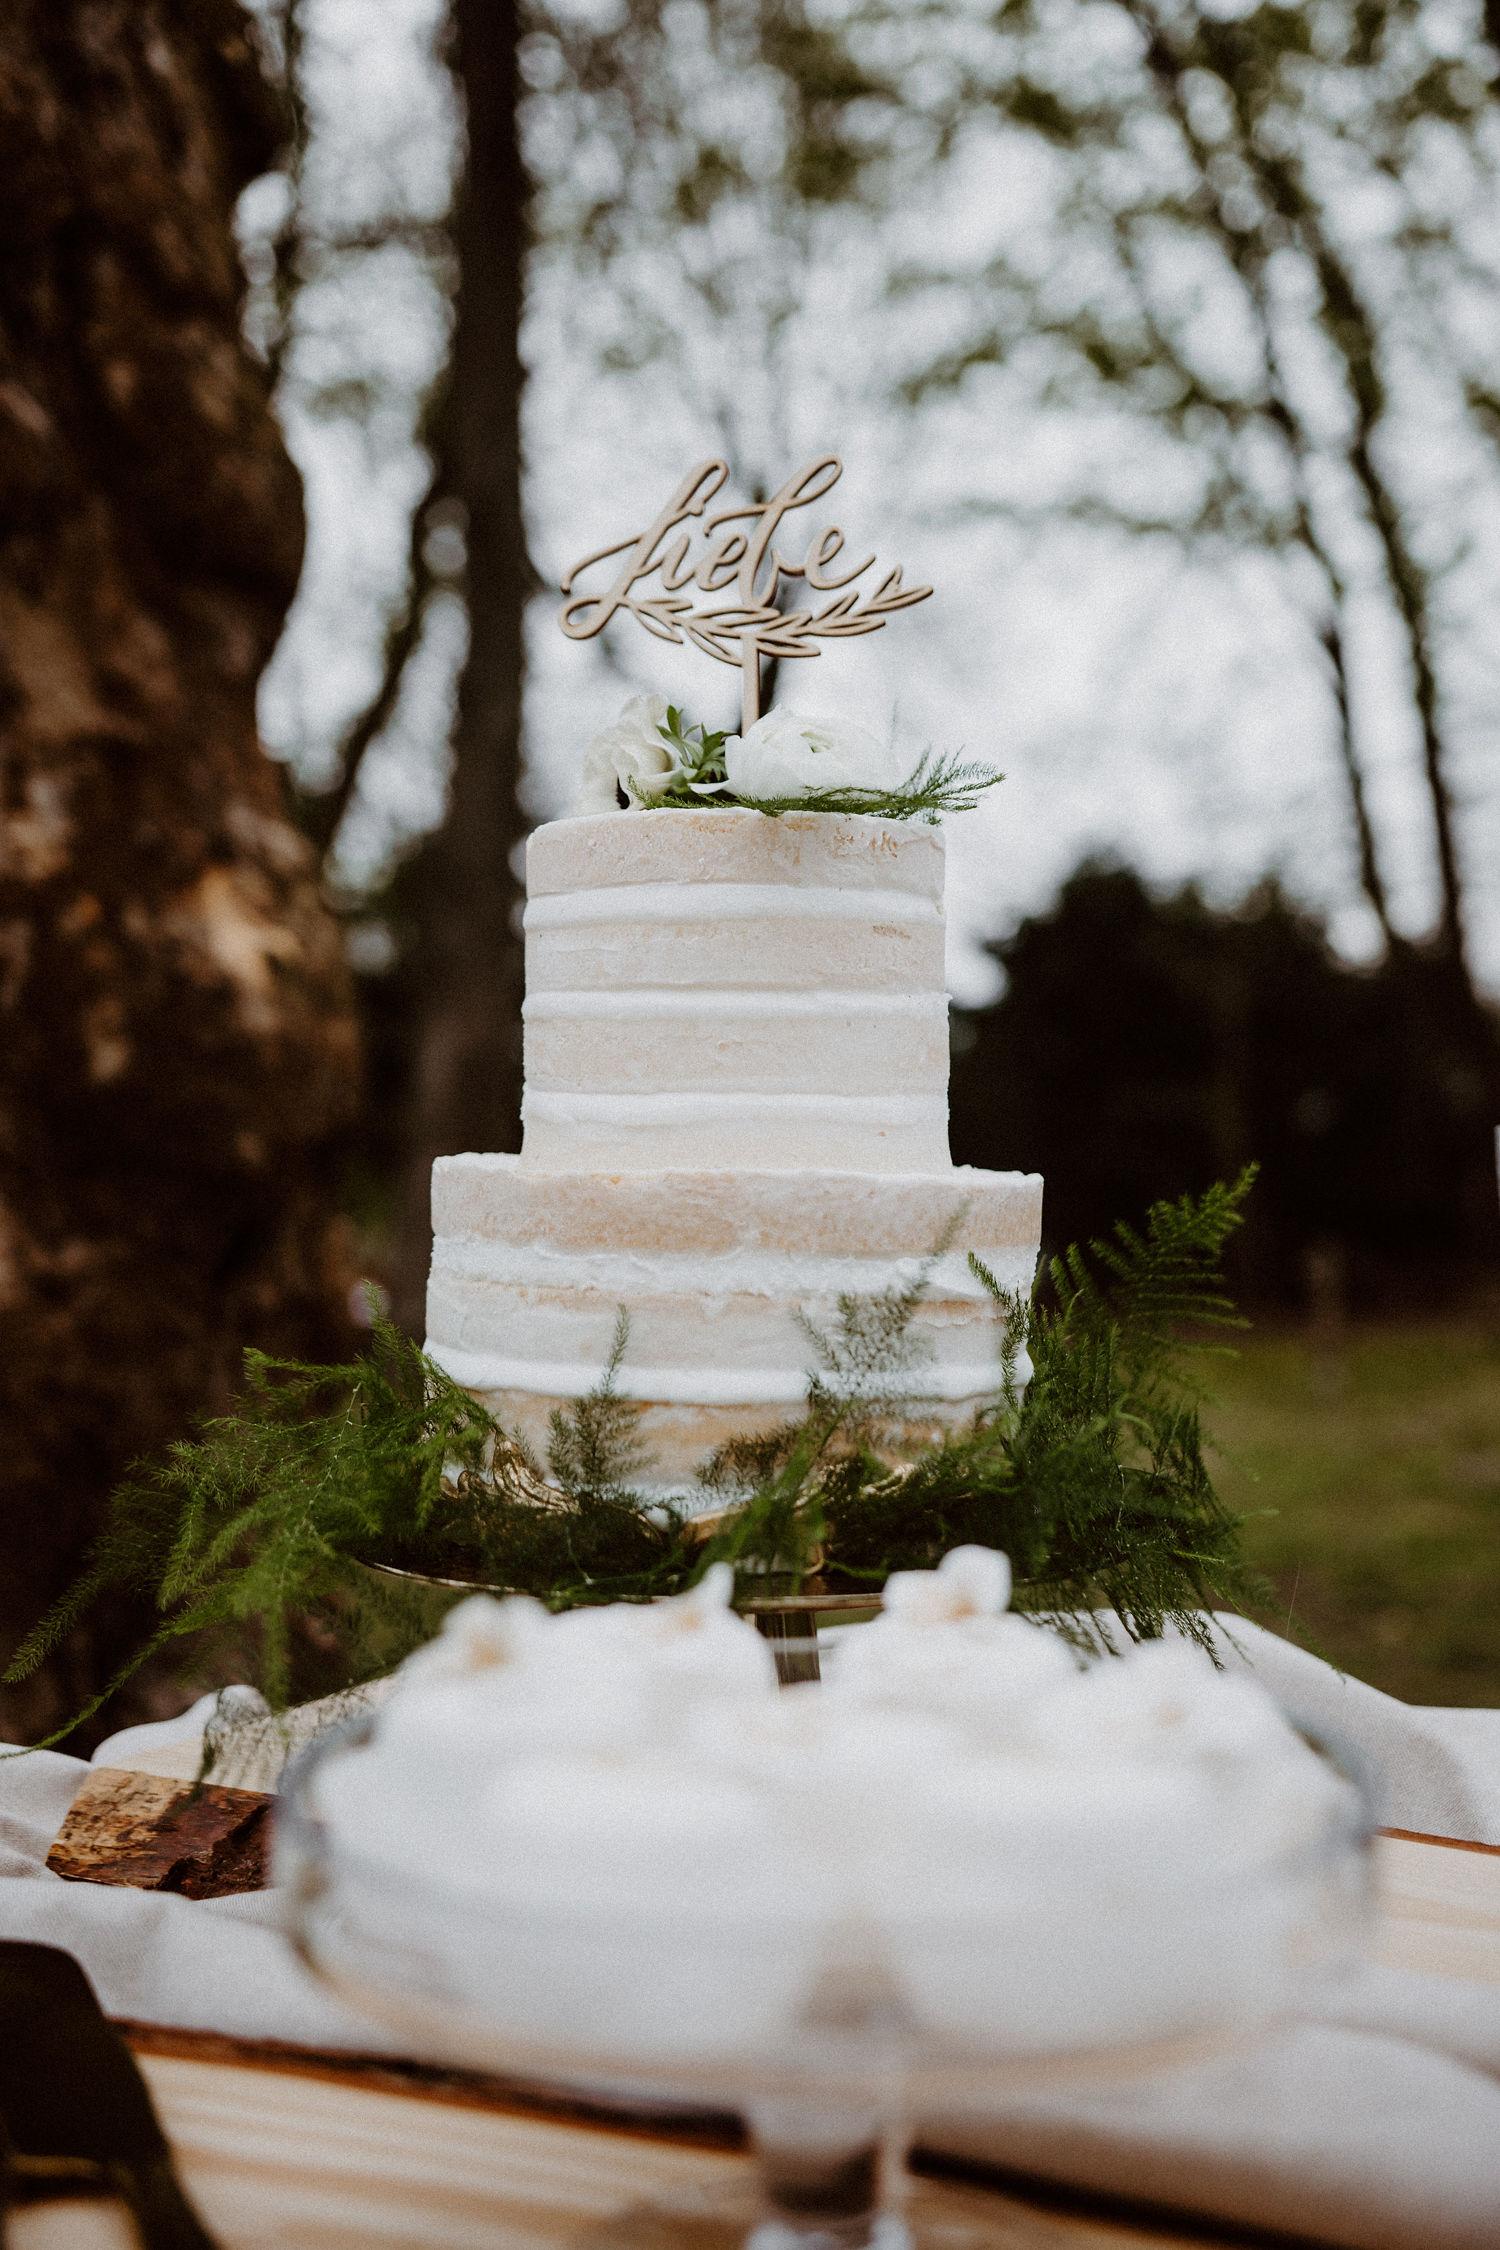 Cake Topper Liebe für Hochzeitstorte oder Taufe